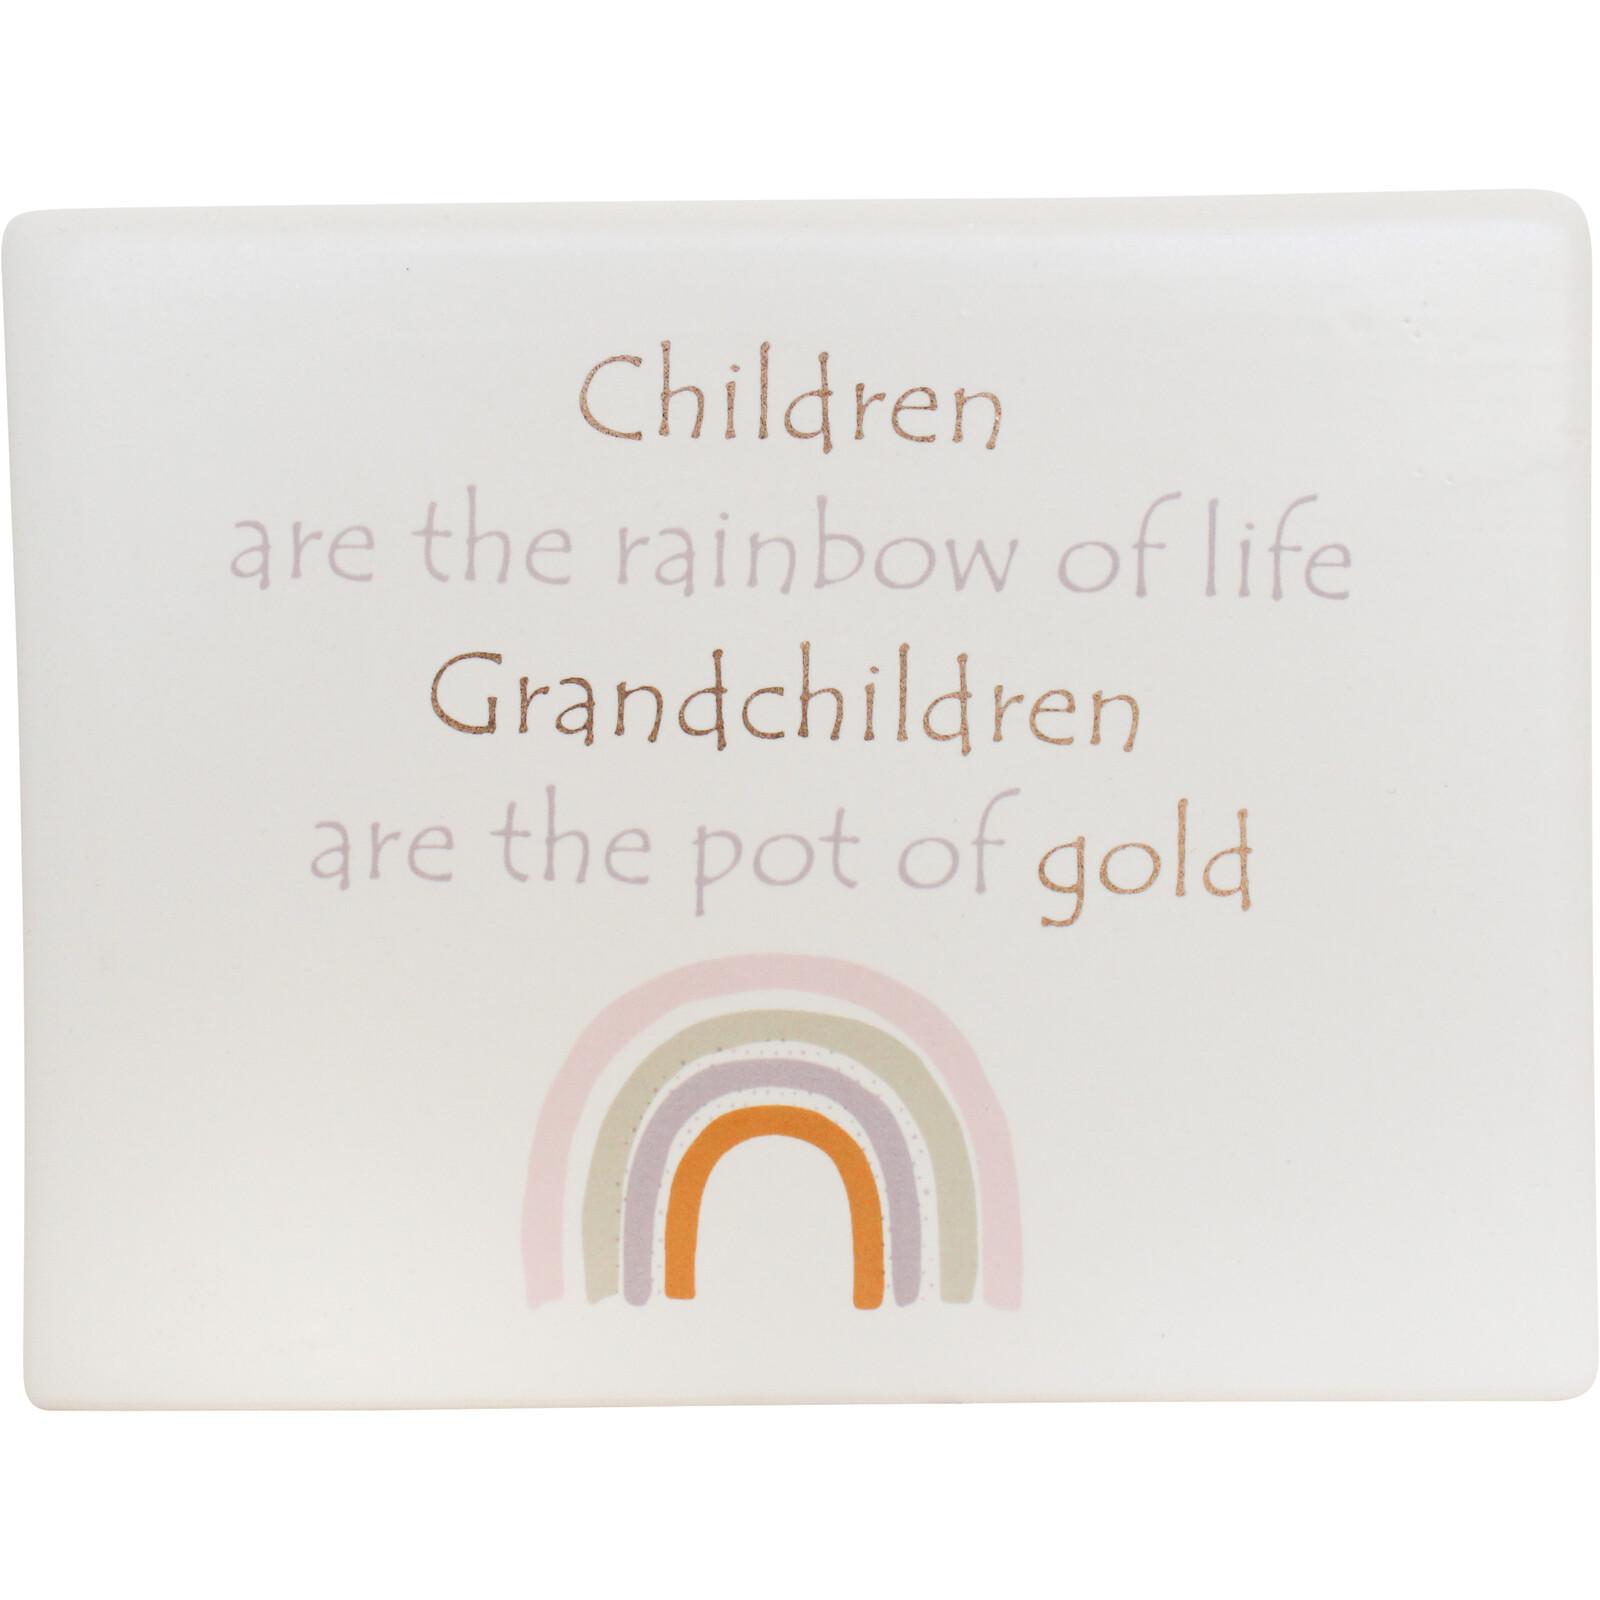 Ceramic Sign Grandchildren Rainbow